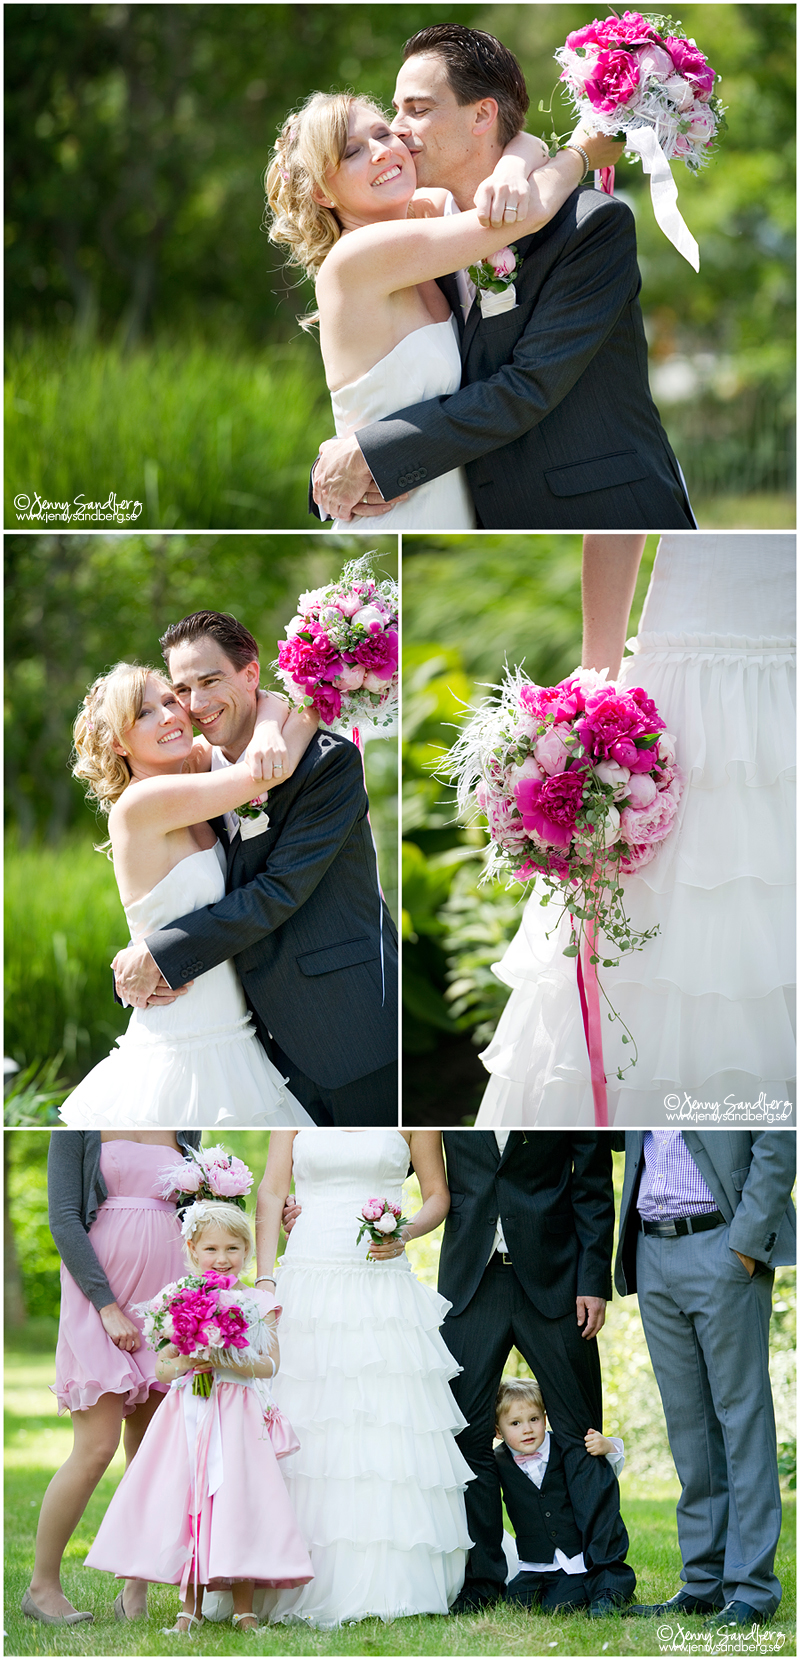 bröllopsfotograf i skåne, bröllopsfotograf lomma, fotograf lomma, fotograf bjärred, bröllopsfotograf lund